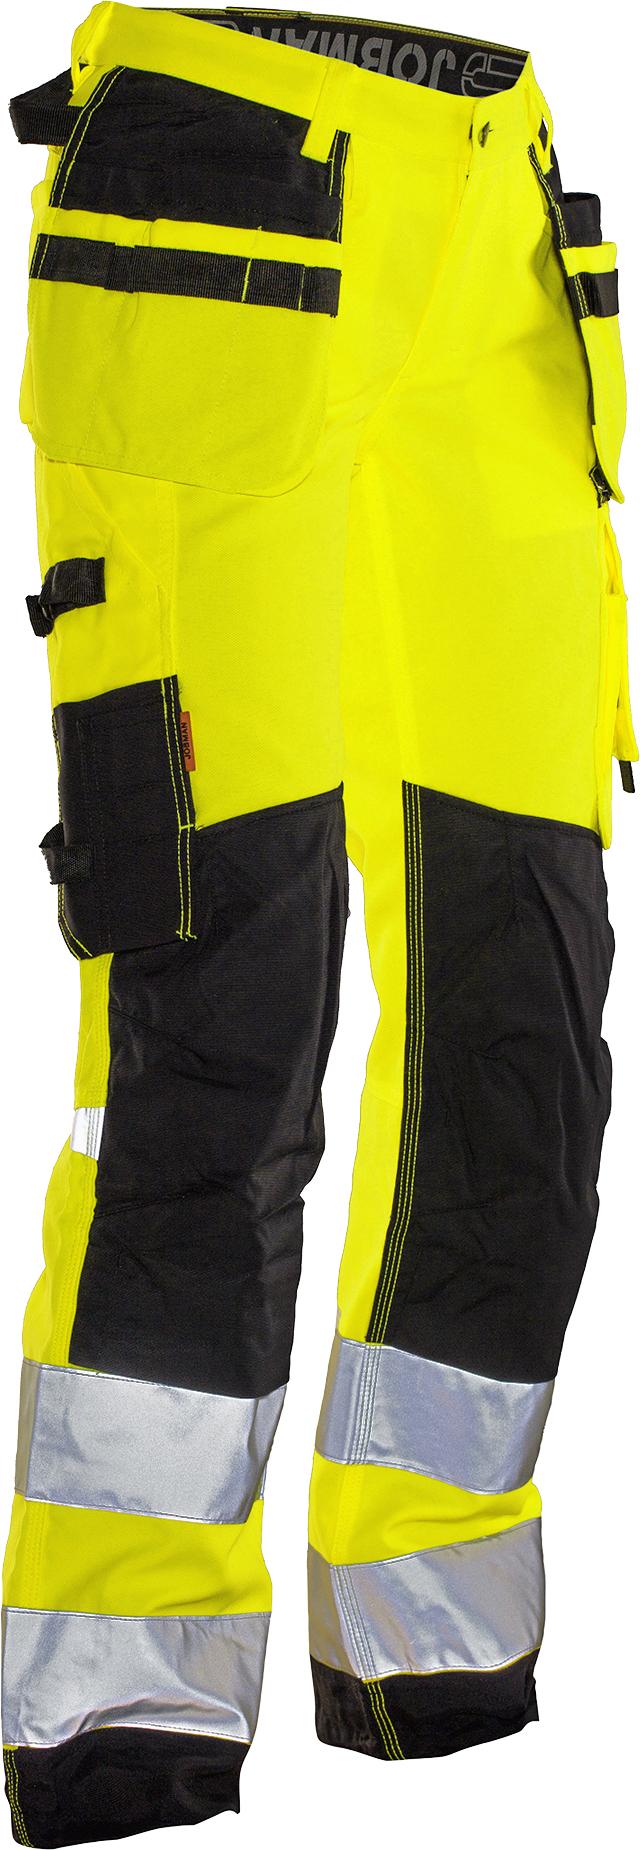 2272 Pantalon d'artisan Star pour femme HI-VIS DA34 jaune/noir